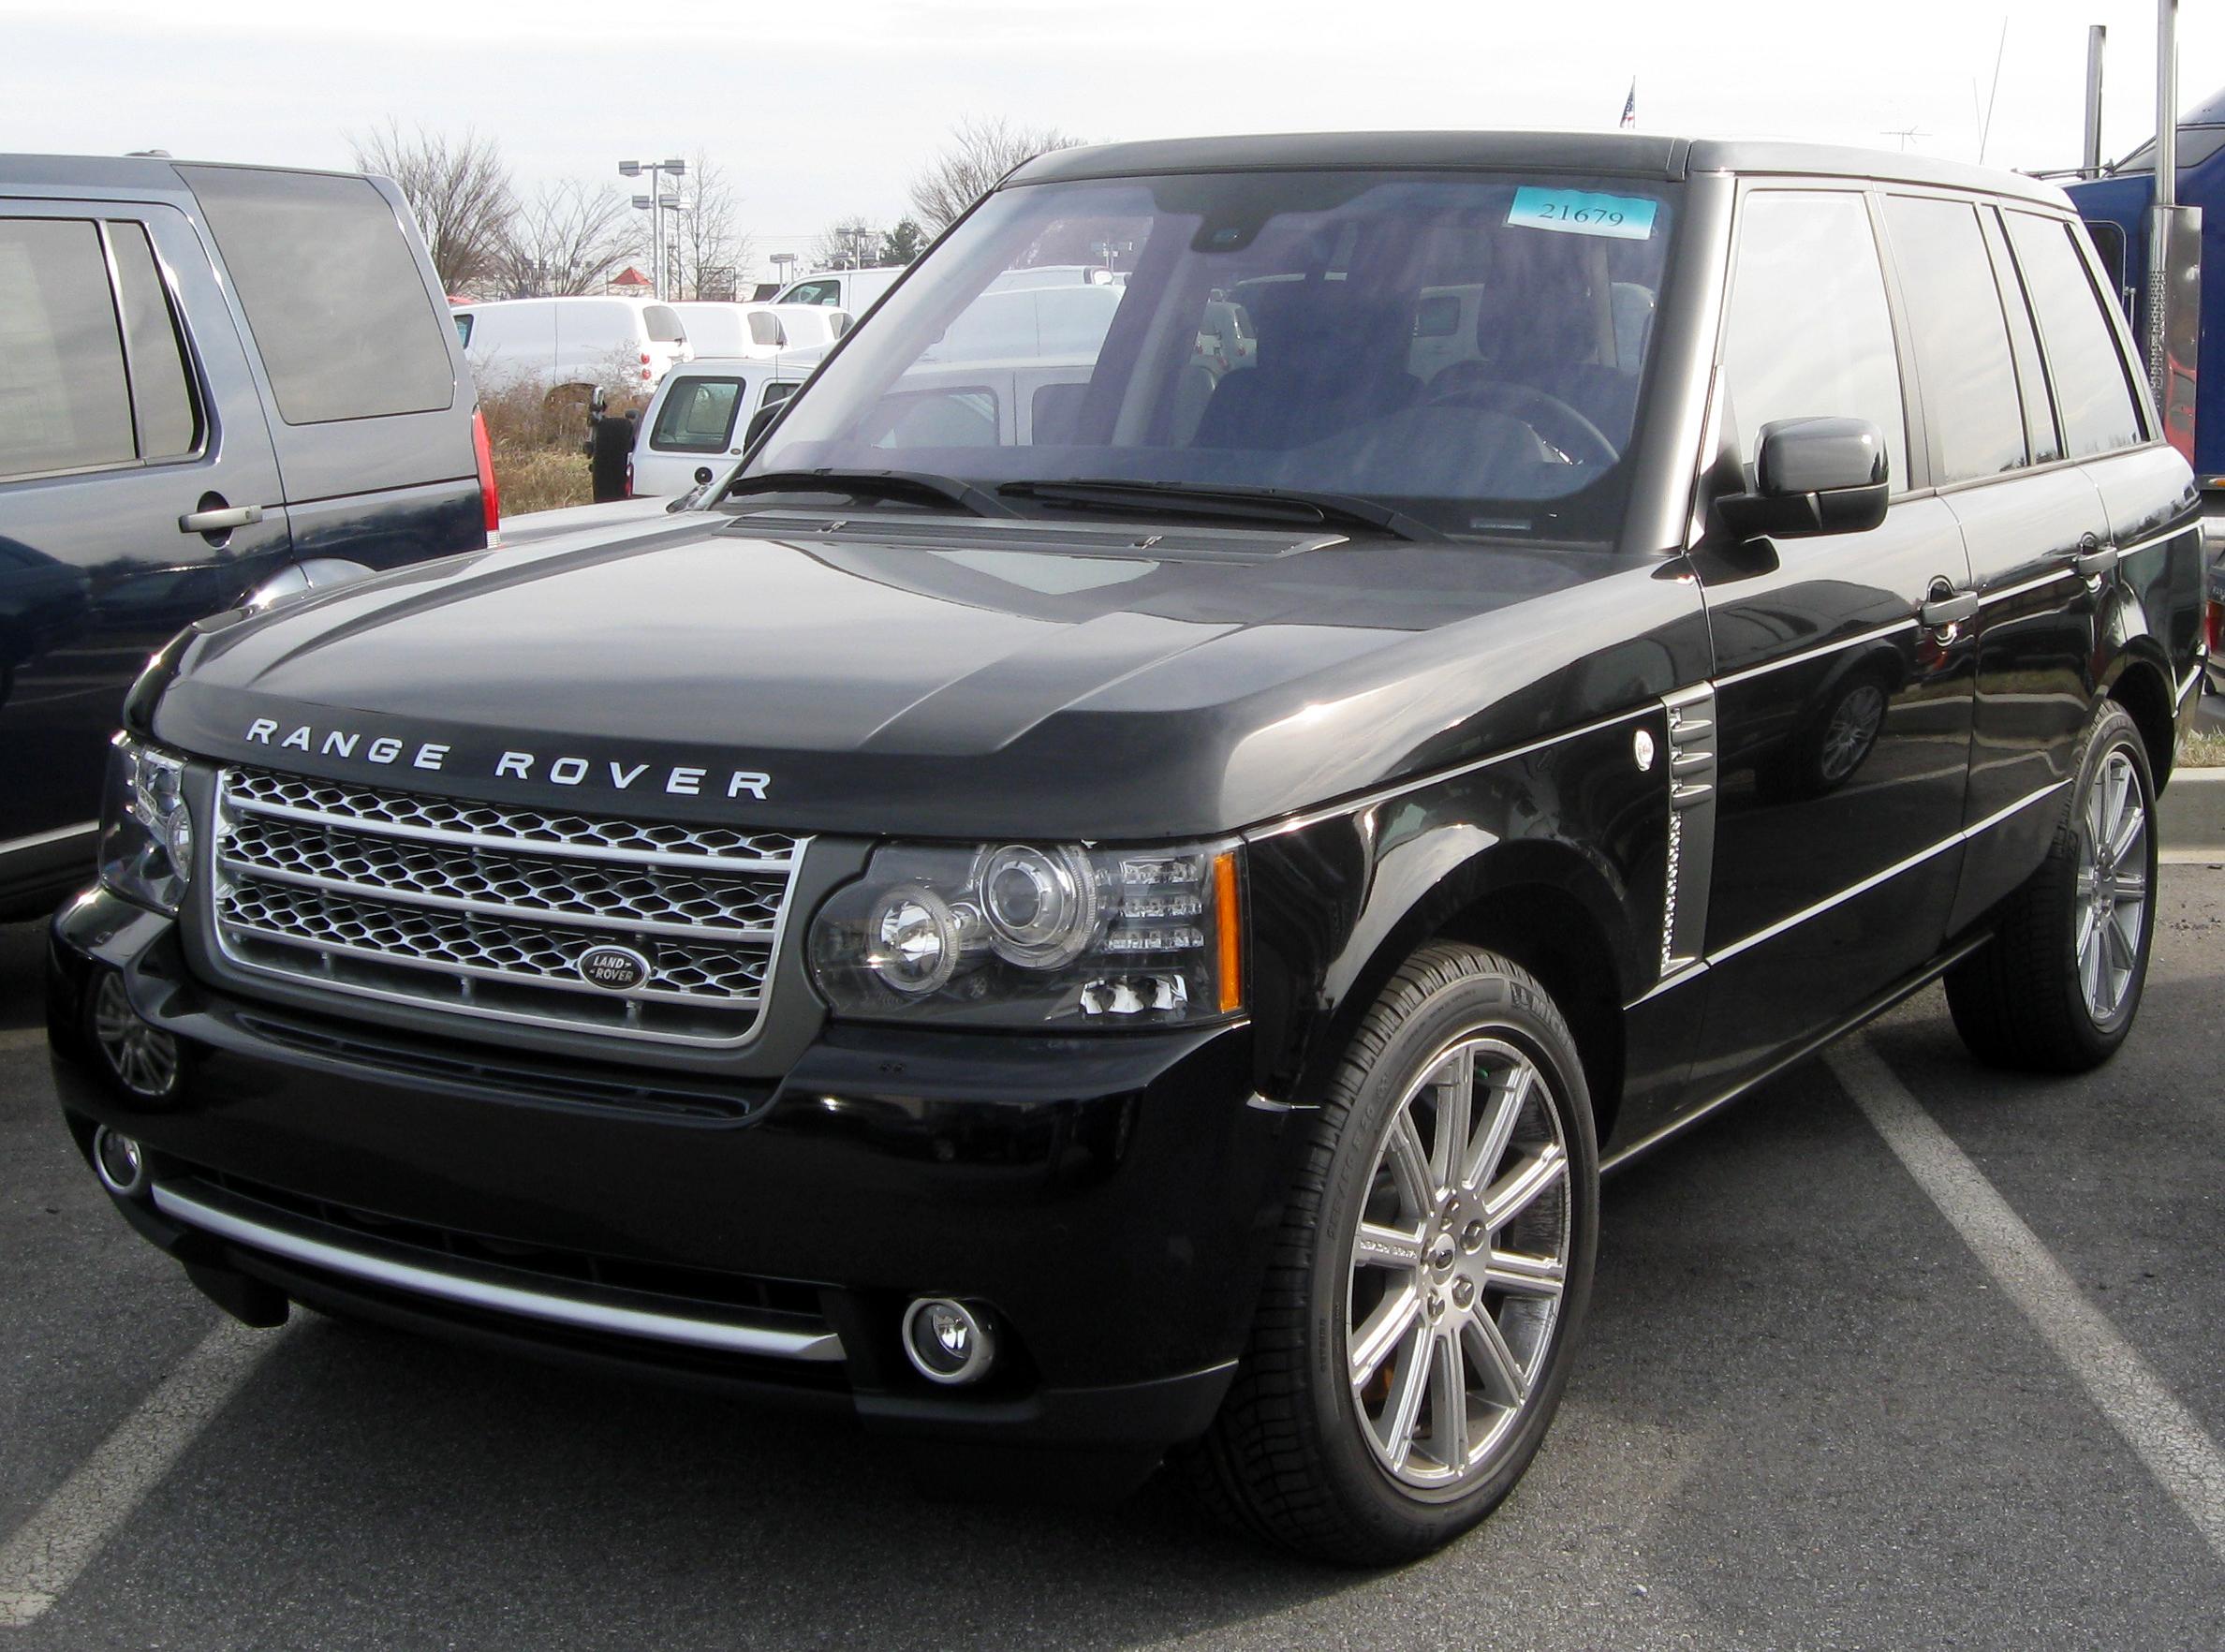 https://upload.wikimedia.org/wikipedia/commons/d/d6/2011_Range_Rover_--_12-31-2010.jpg